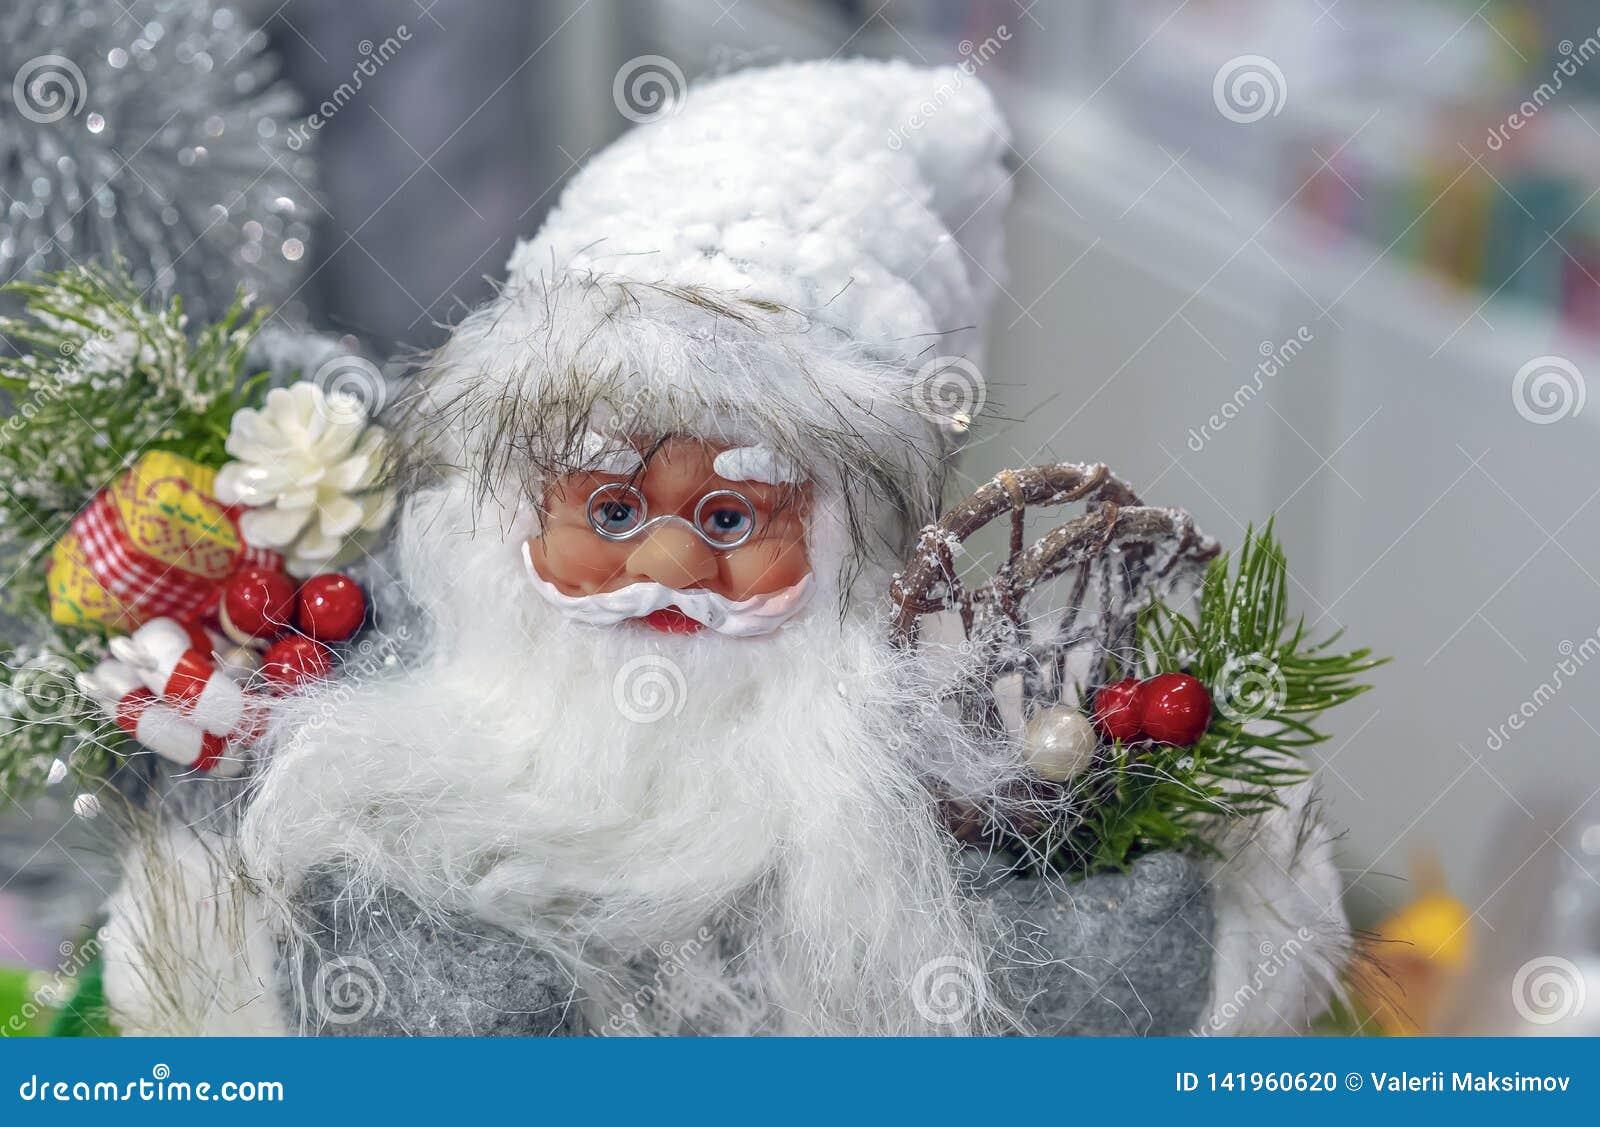 Игрушка Санта Клаус в магазине подарков и украшений рождества